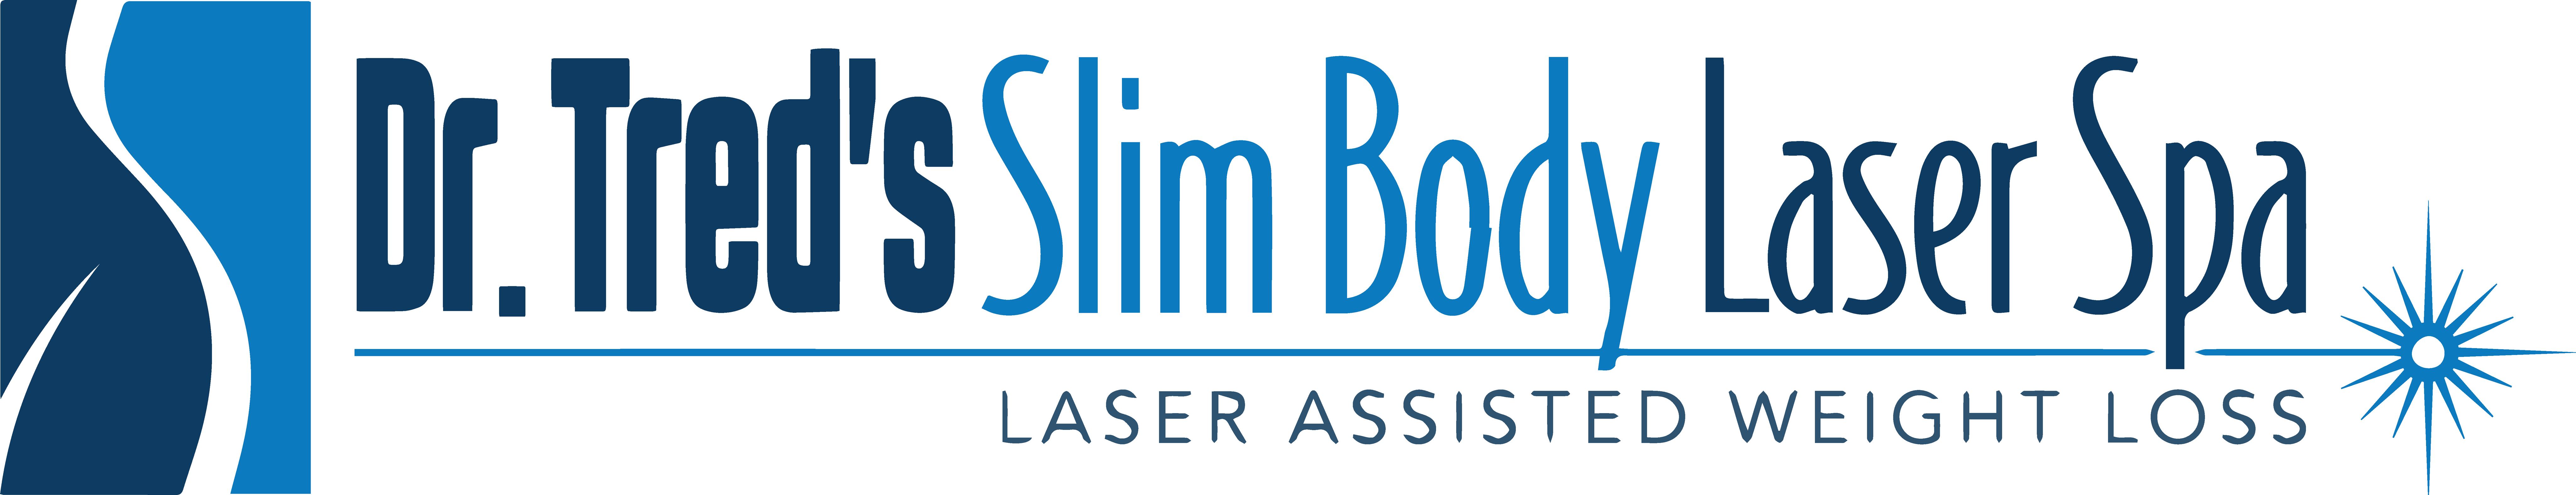 Dr. Tred's Slim Body Laser Spa